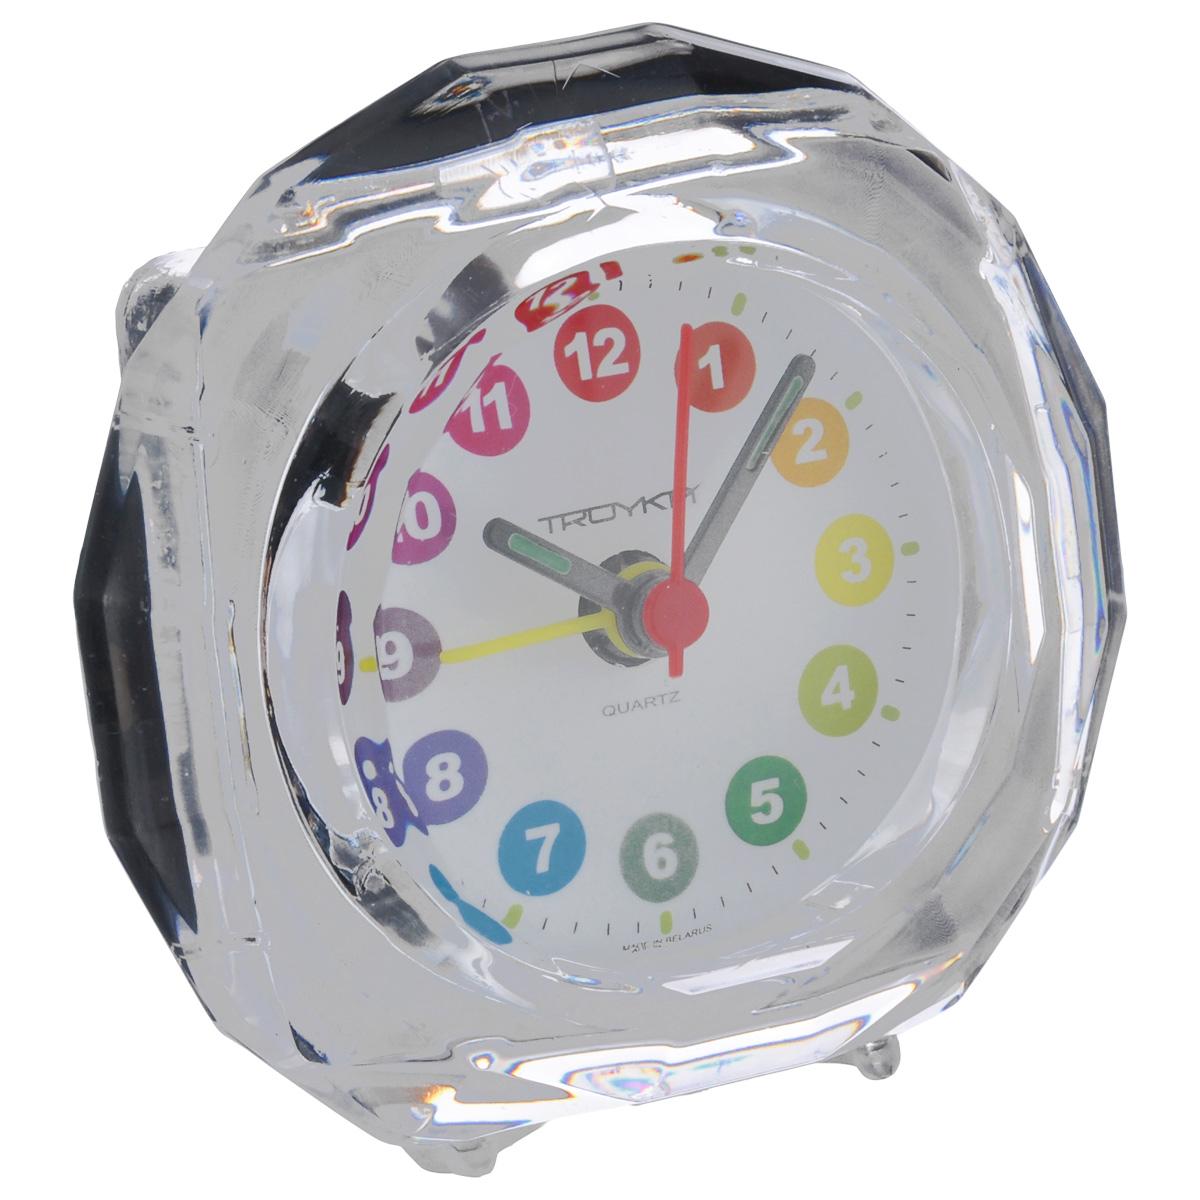 Будильник Troyka, цвет: прозрачный. 02.009N-08Будильник Troyka выполнен из стекла и пластика. Он поможет вам просыпаться по утрам и никуда не опаздывать.На задней панели будильника расположены переключатель включения/выключения механизма и два колесика для настройки текущего времени и времени звонка будильника. Будильник работает от 1 батарейки типа AA (не входит в комплект).